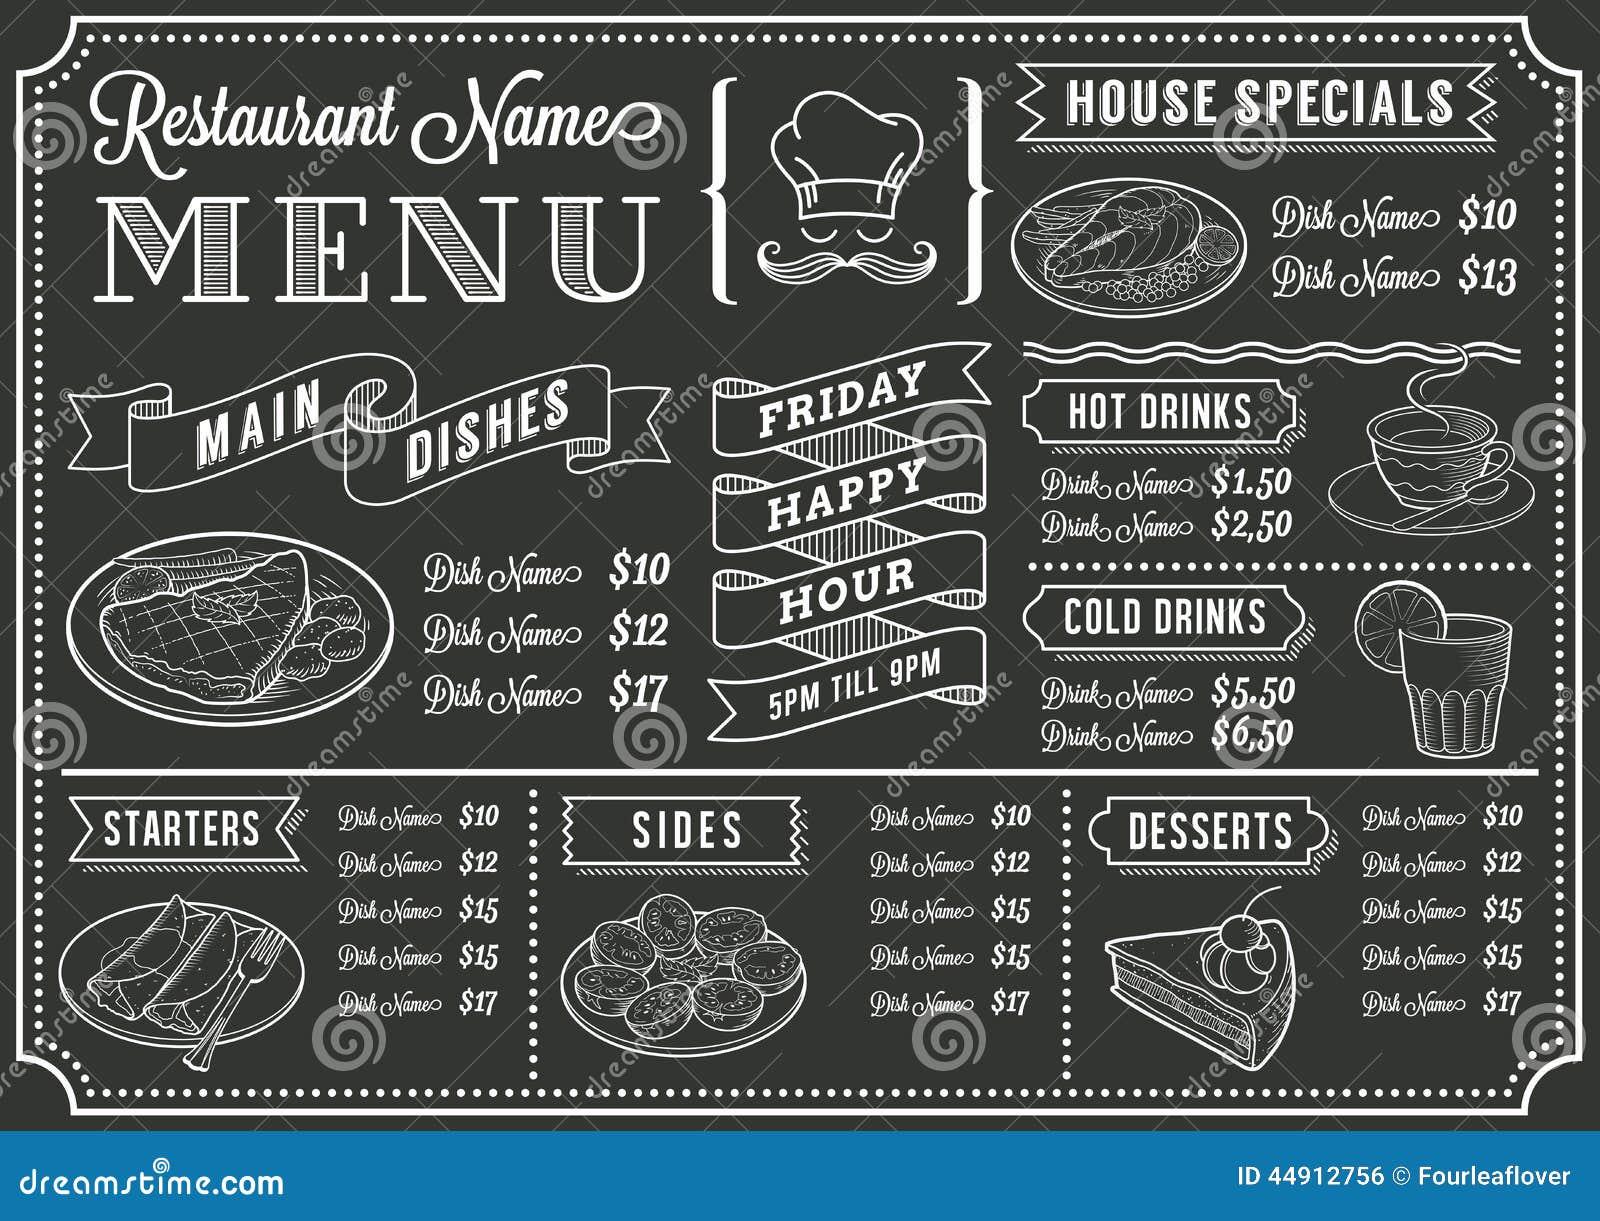 Tafel-Restaurant-Menü-Schablone Vektor Abbildung - Illustration von ...